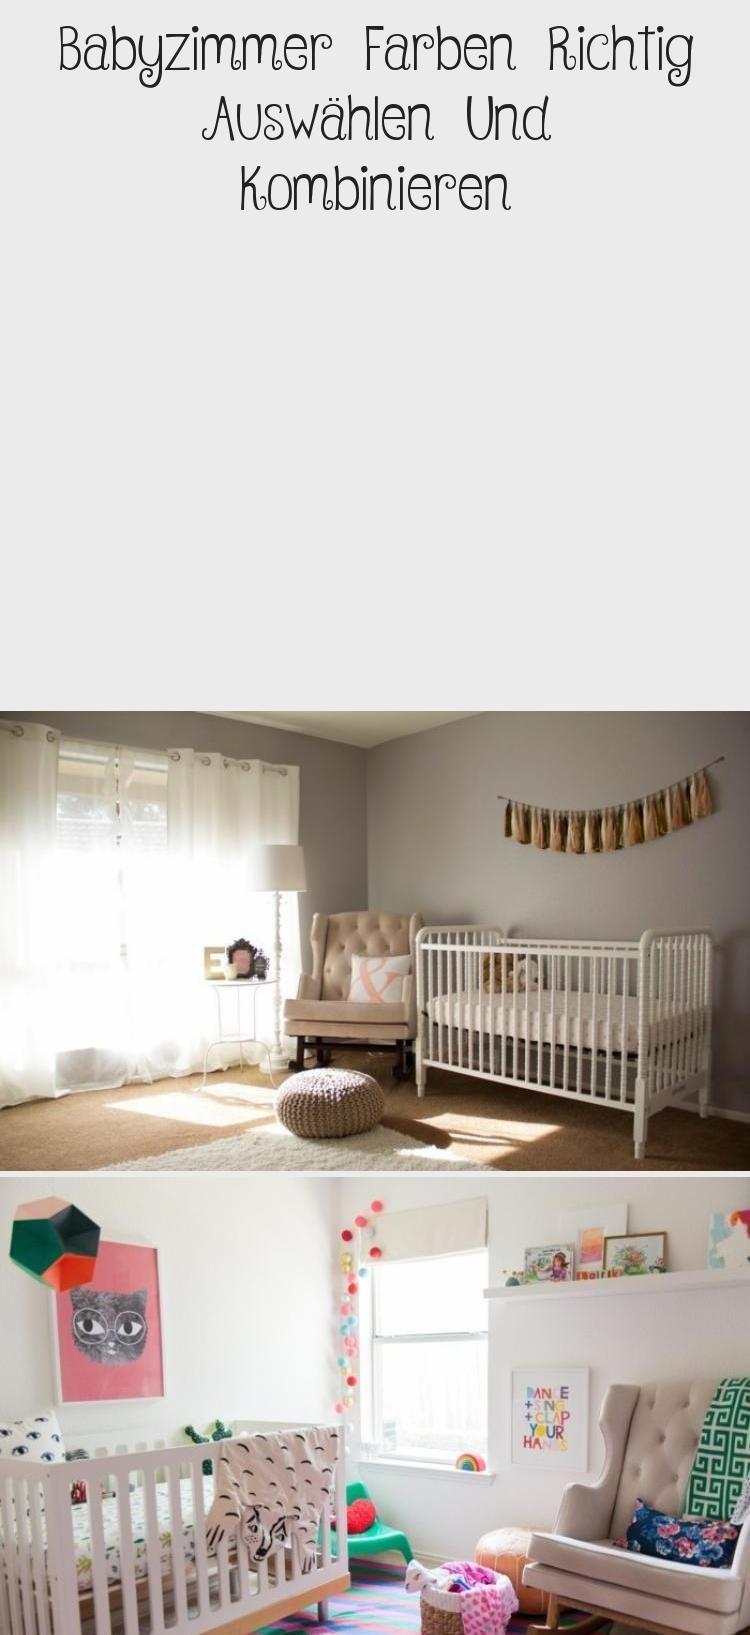 Babyzimmer Farben Richtig Auswählen Und Kombinieren Babyzimmer Farben Babyzimmer Zimmer